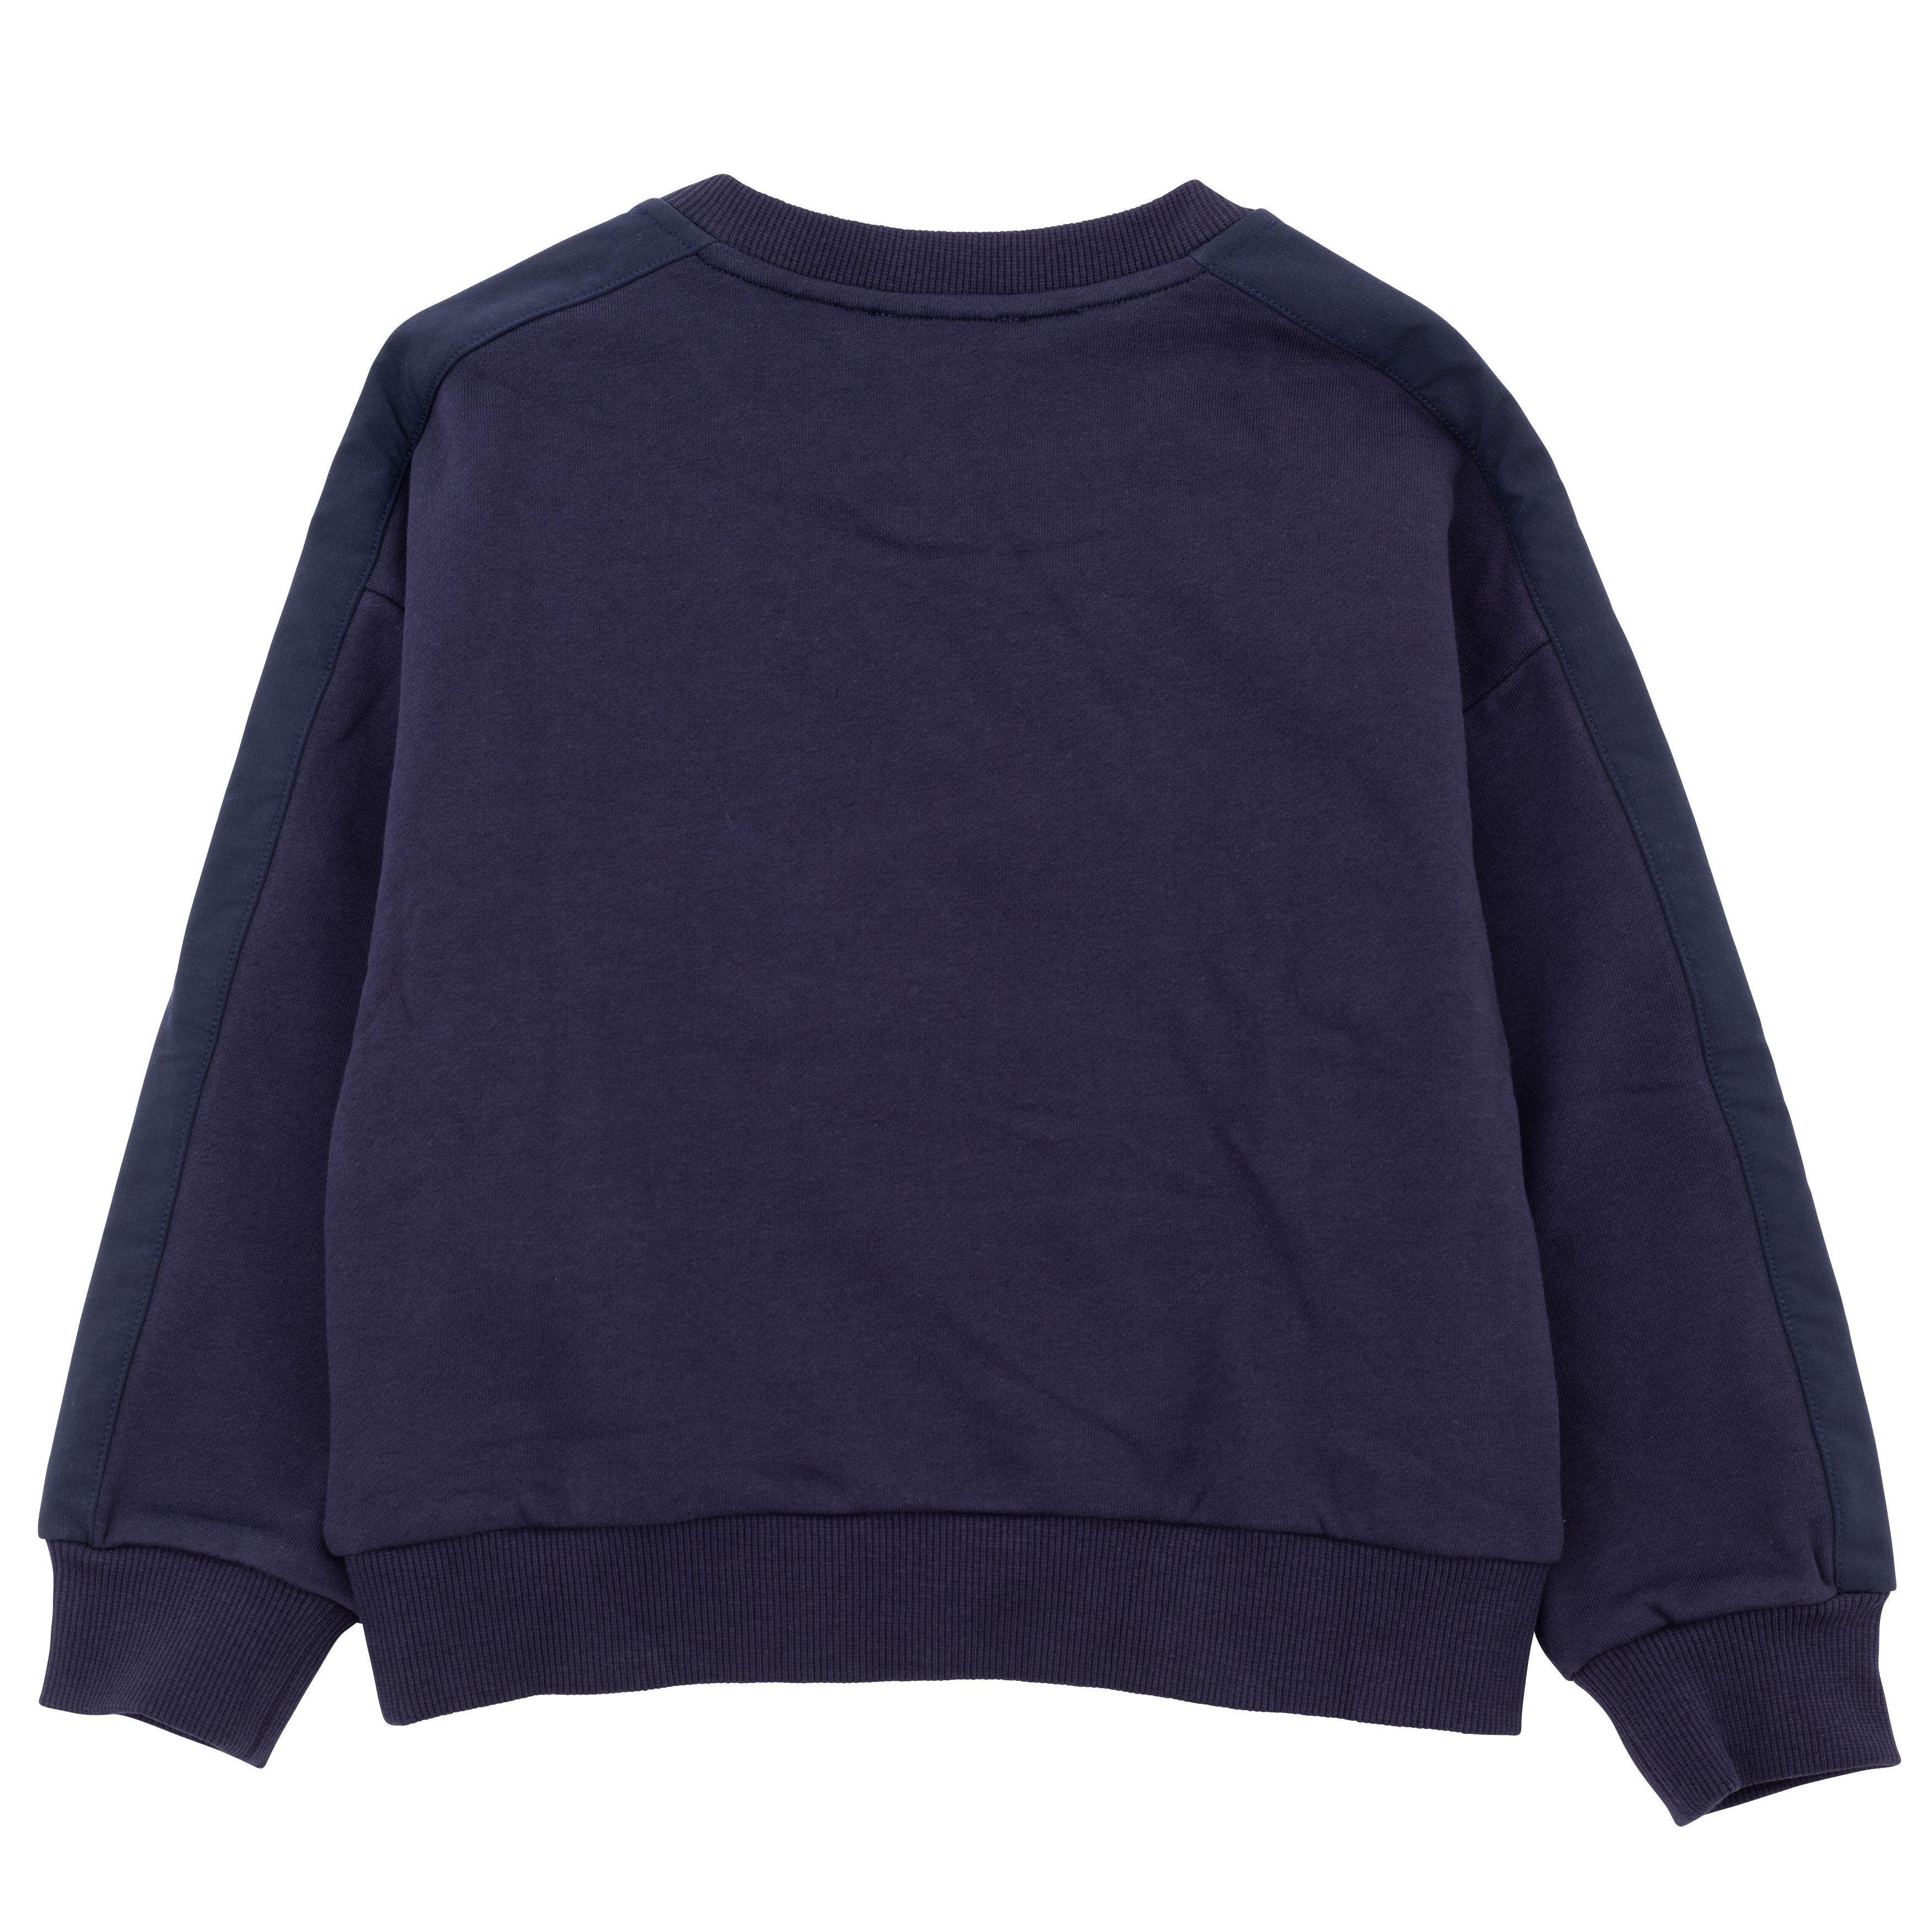 Plain dual-fabric sweatshirt KENZO KIDS for GIRL